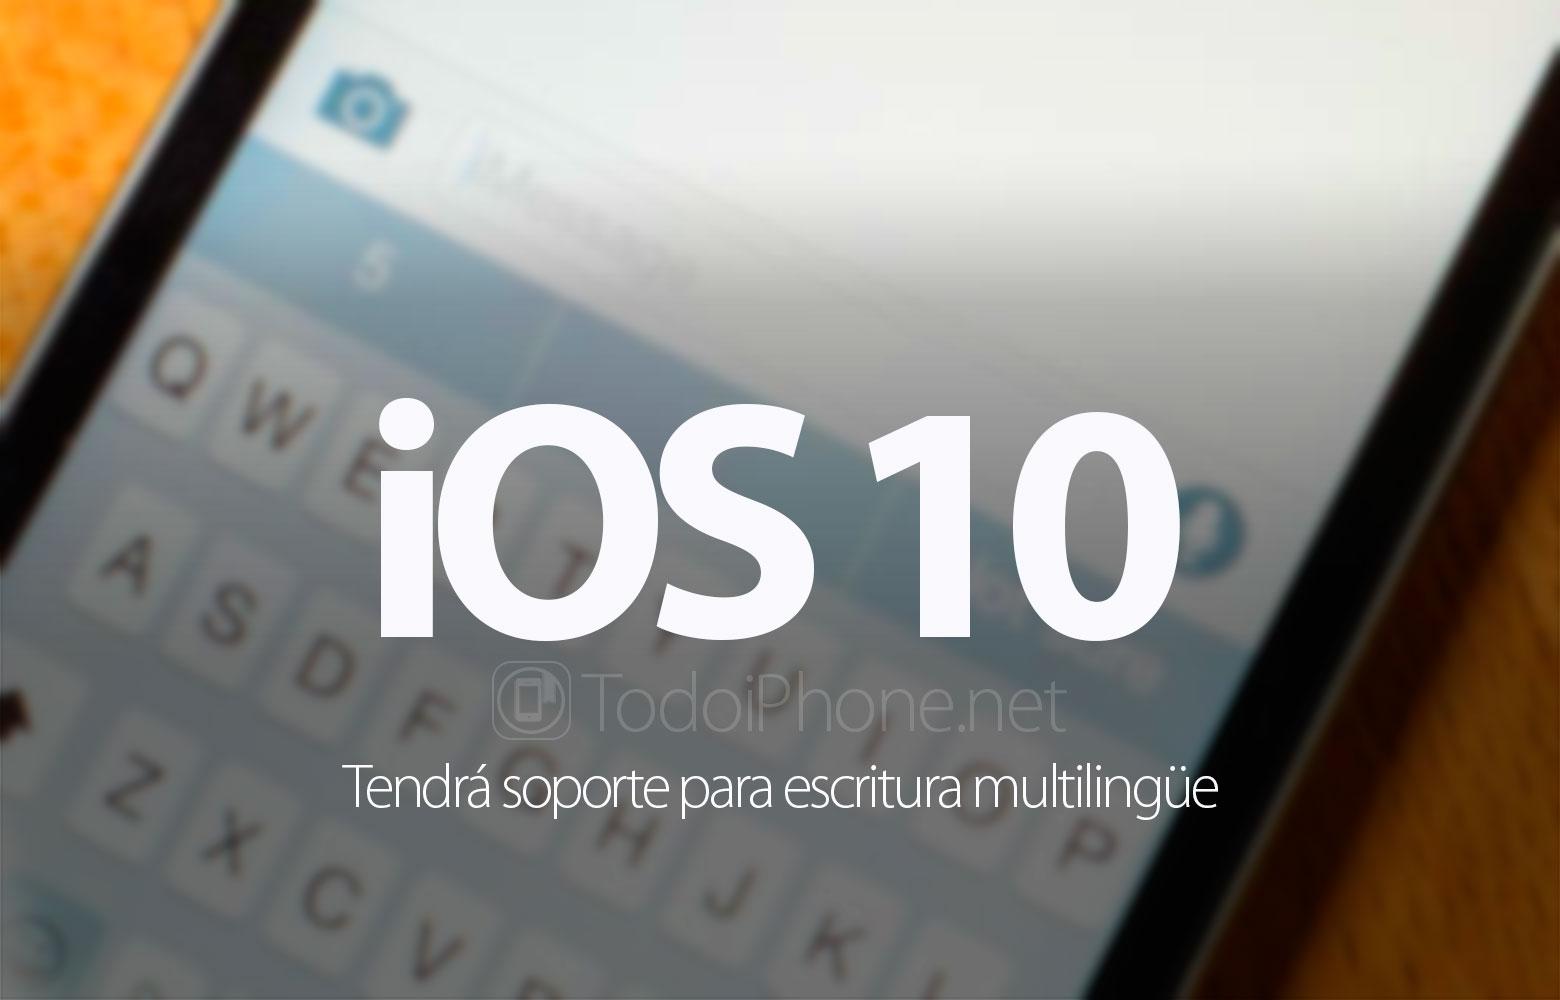 ios-10-soporte-escritura-multilingue